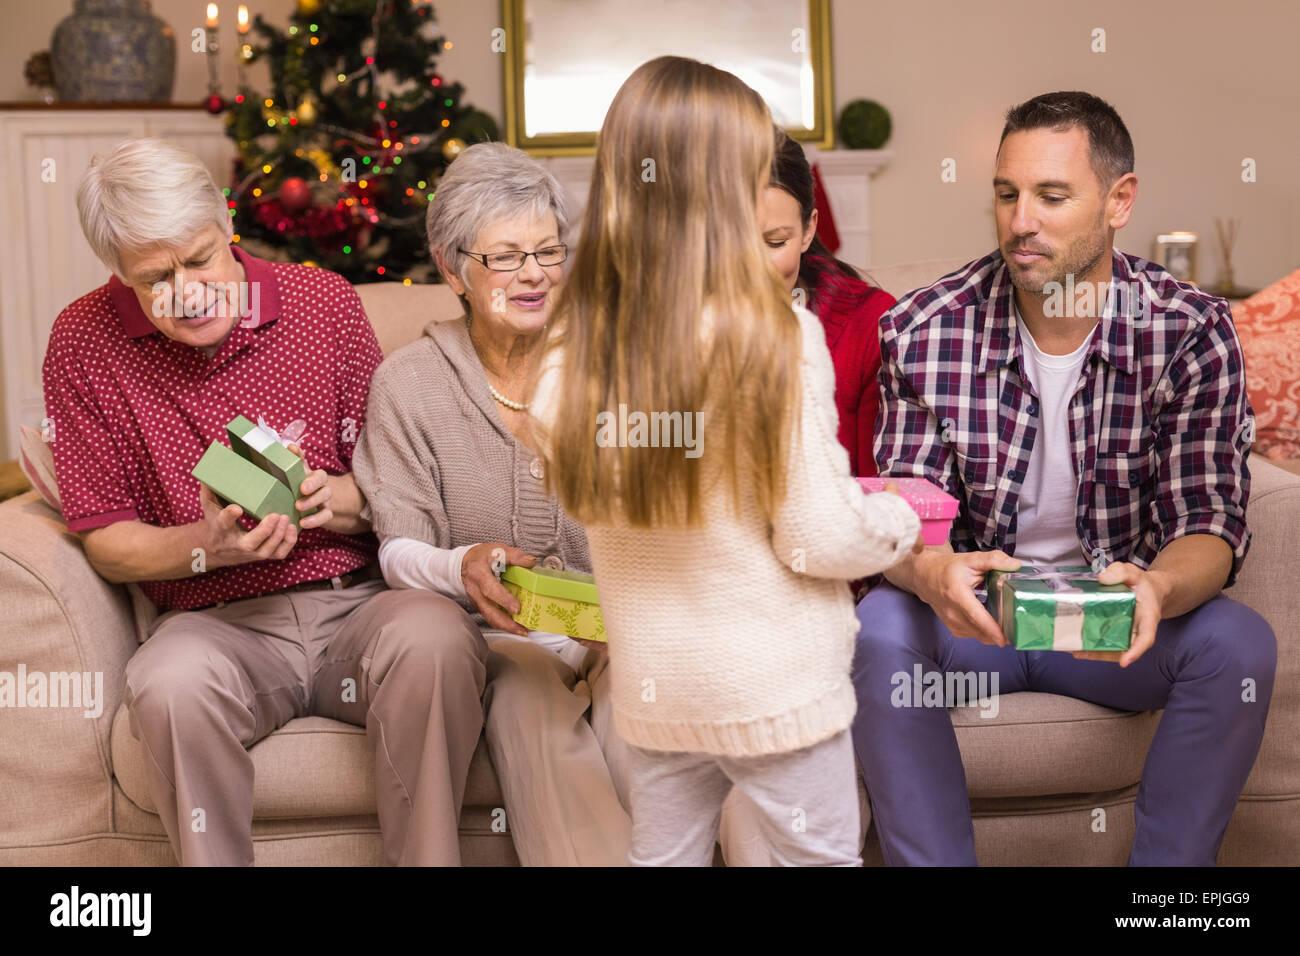 Carino bambina offrendo dono alla sua famiglia Immagini Stock